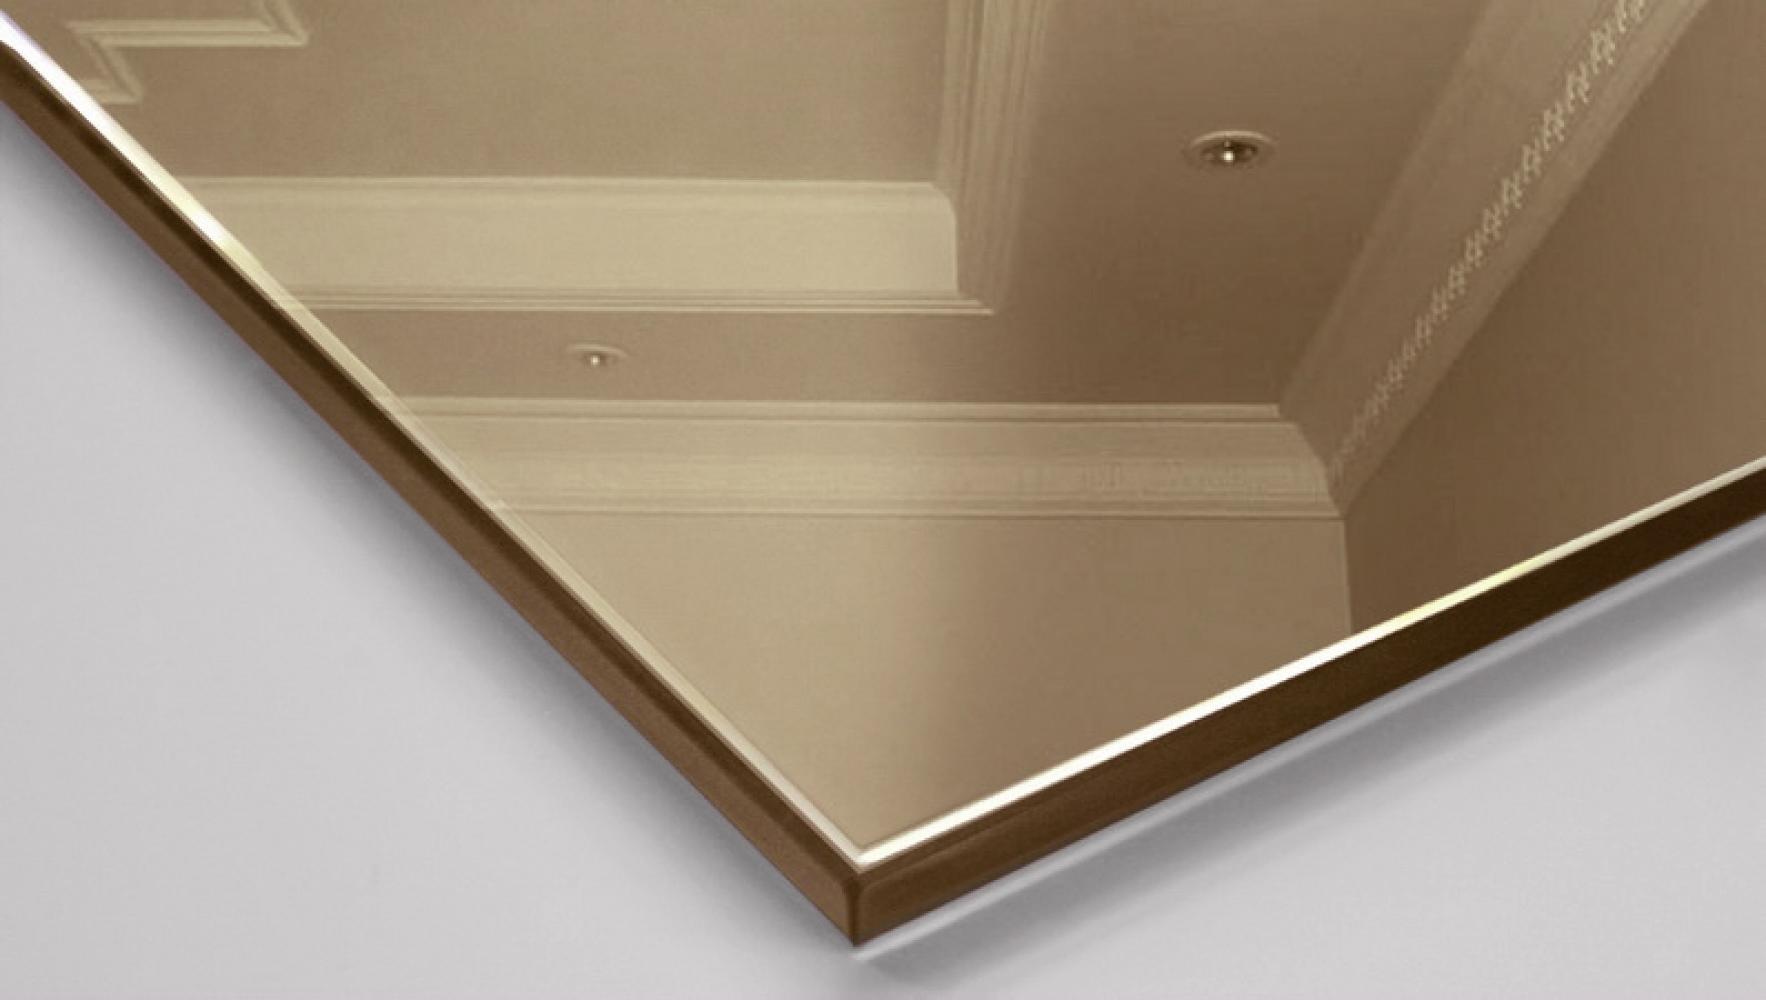 Изготовление бронзового зеркала под заказ от компании «ДомГласс»